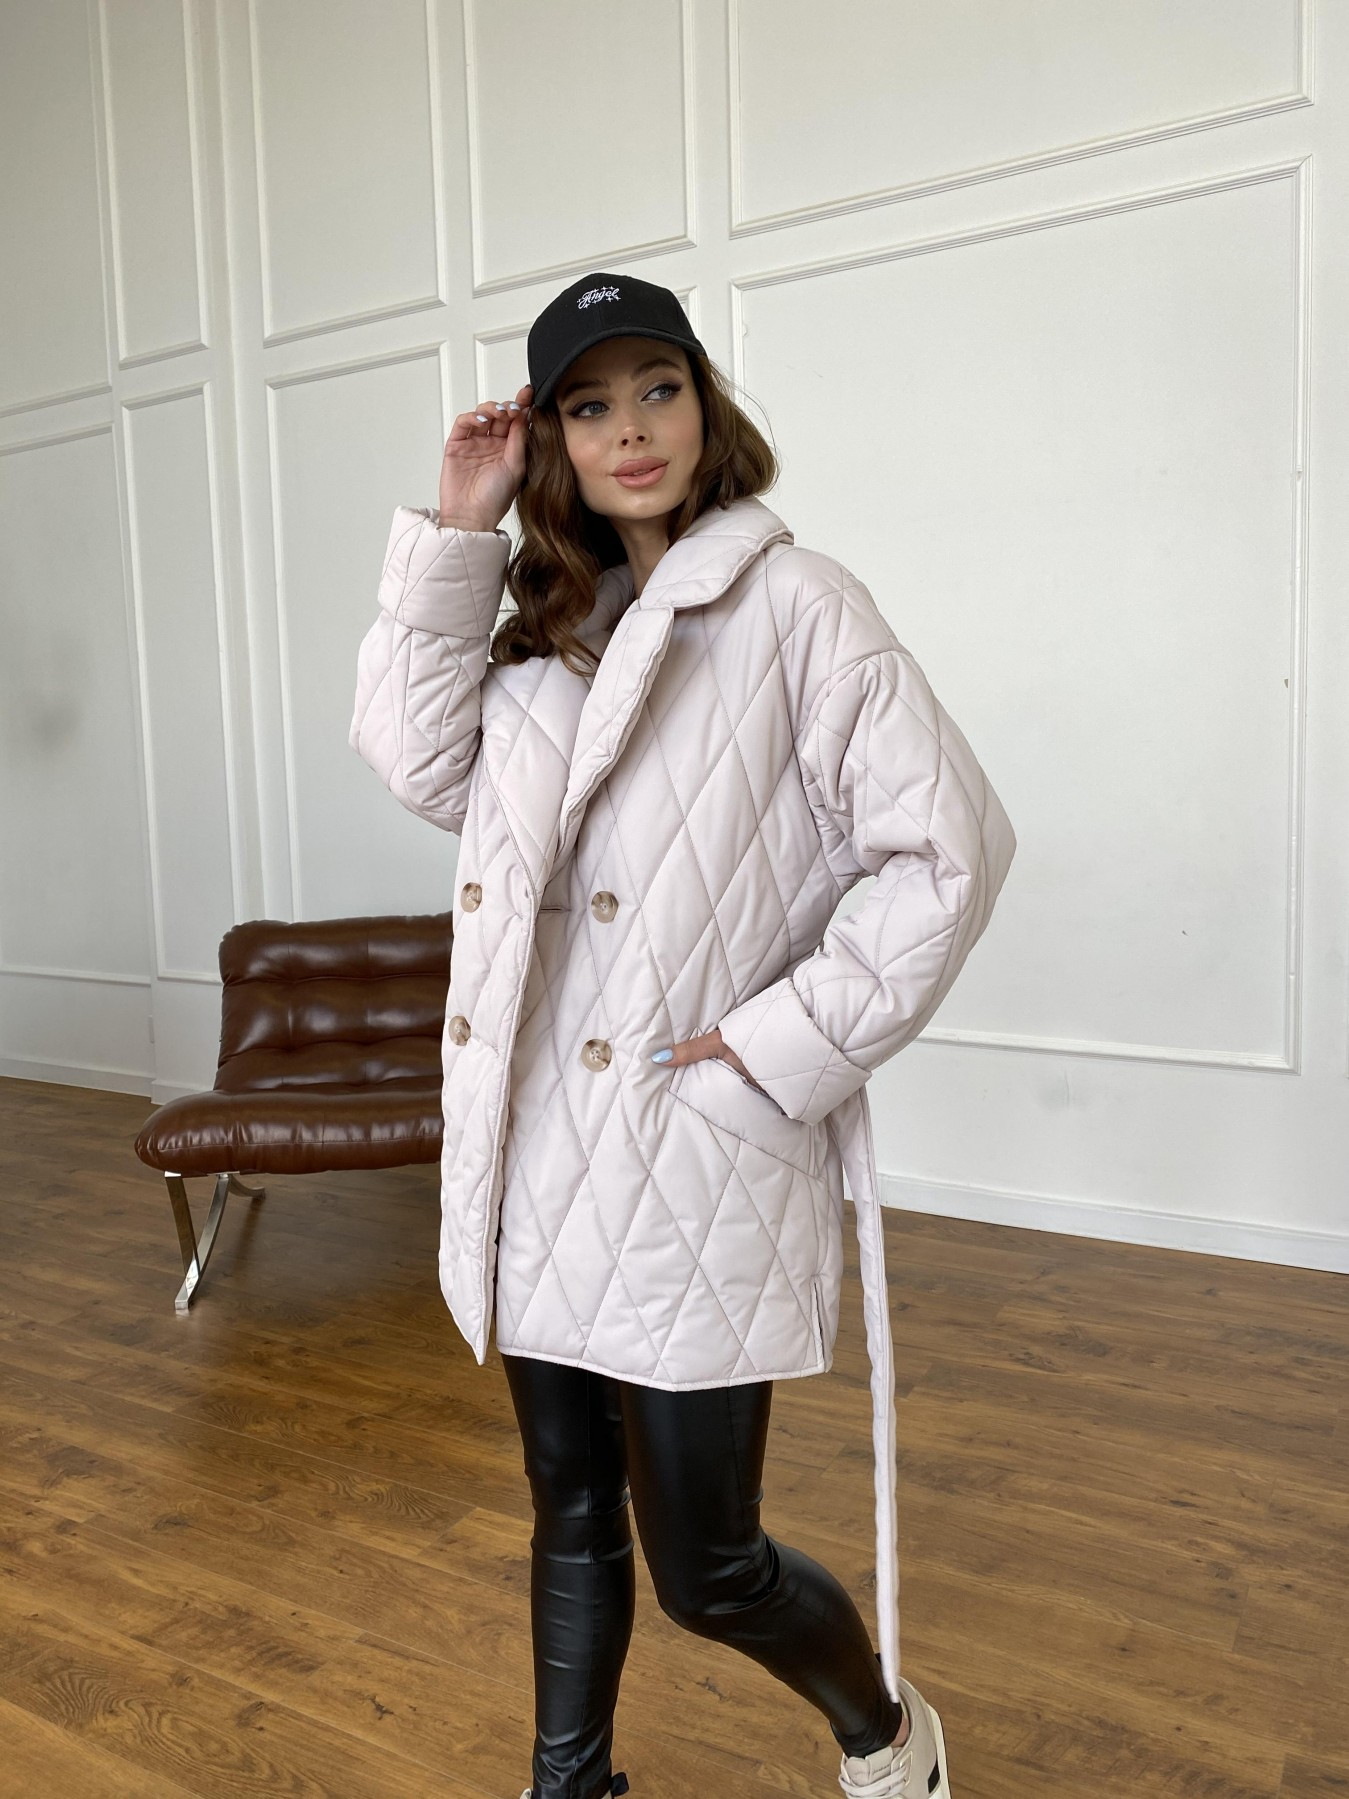 Норд куртка из плащевой ткани стеганая 10883 АРТ. 47551 Цвет: Бежевый 970 - фото 7, интернет магазин tm-modus.ru